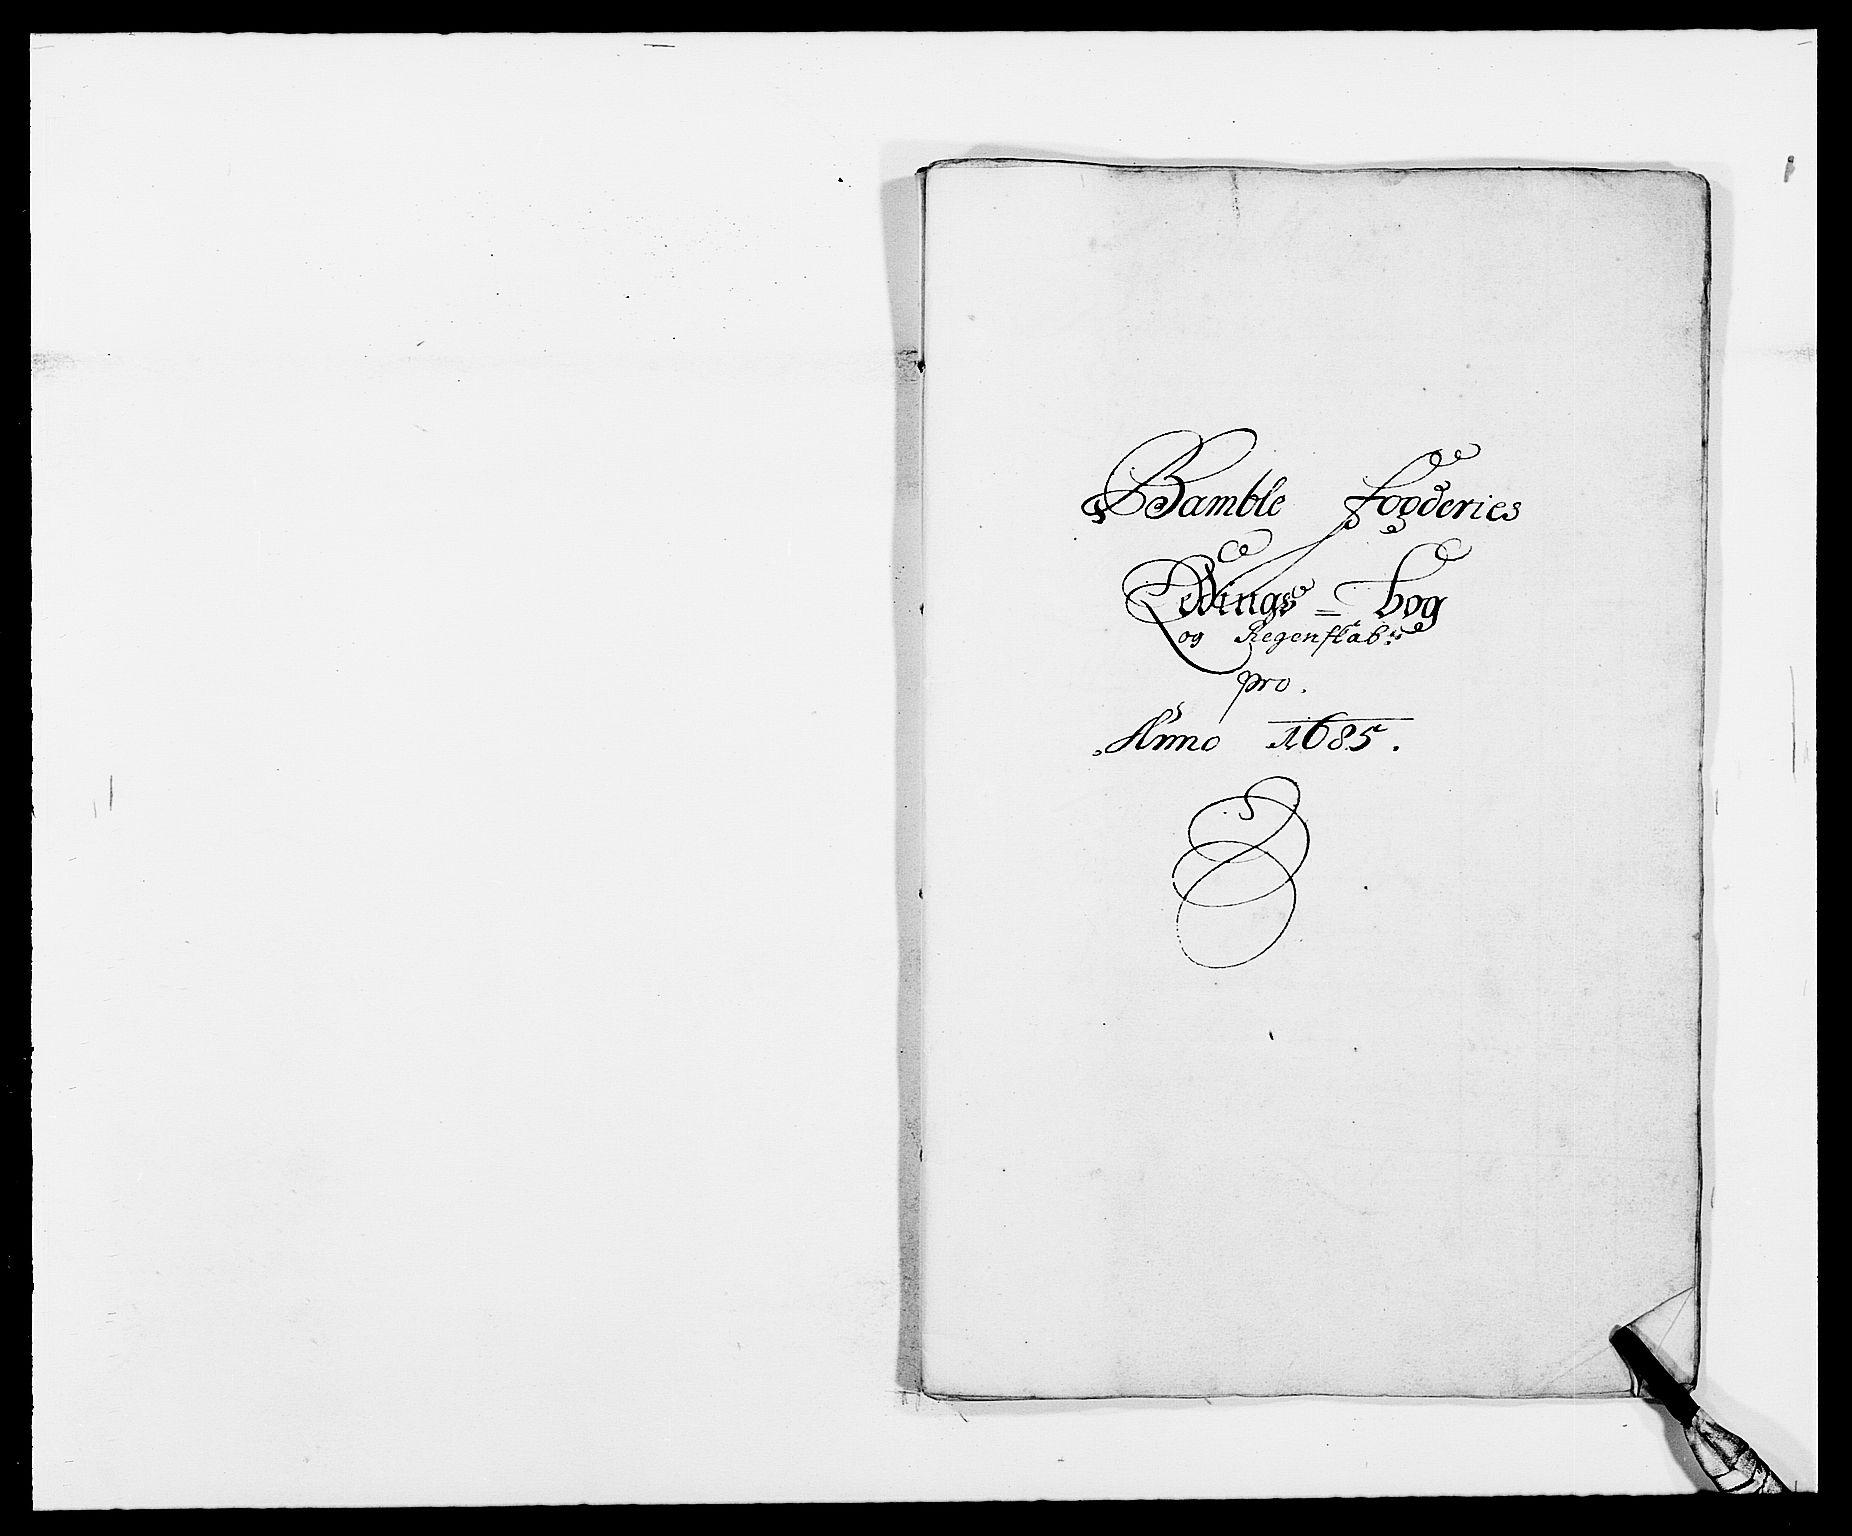 RA, Rentekammeret inntil 1814, Reviderte regnskaper, Fogderegnskap, R34/L2048: Fogderegnskap Bamble, 1685-1687, s. 40